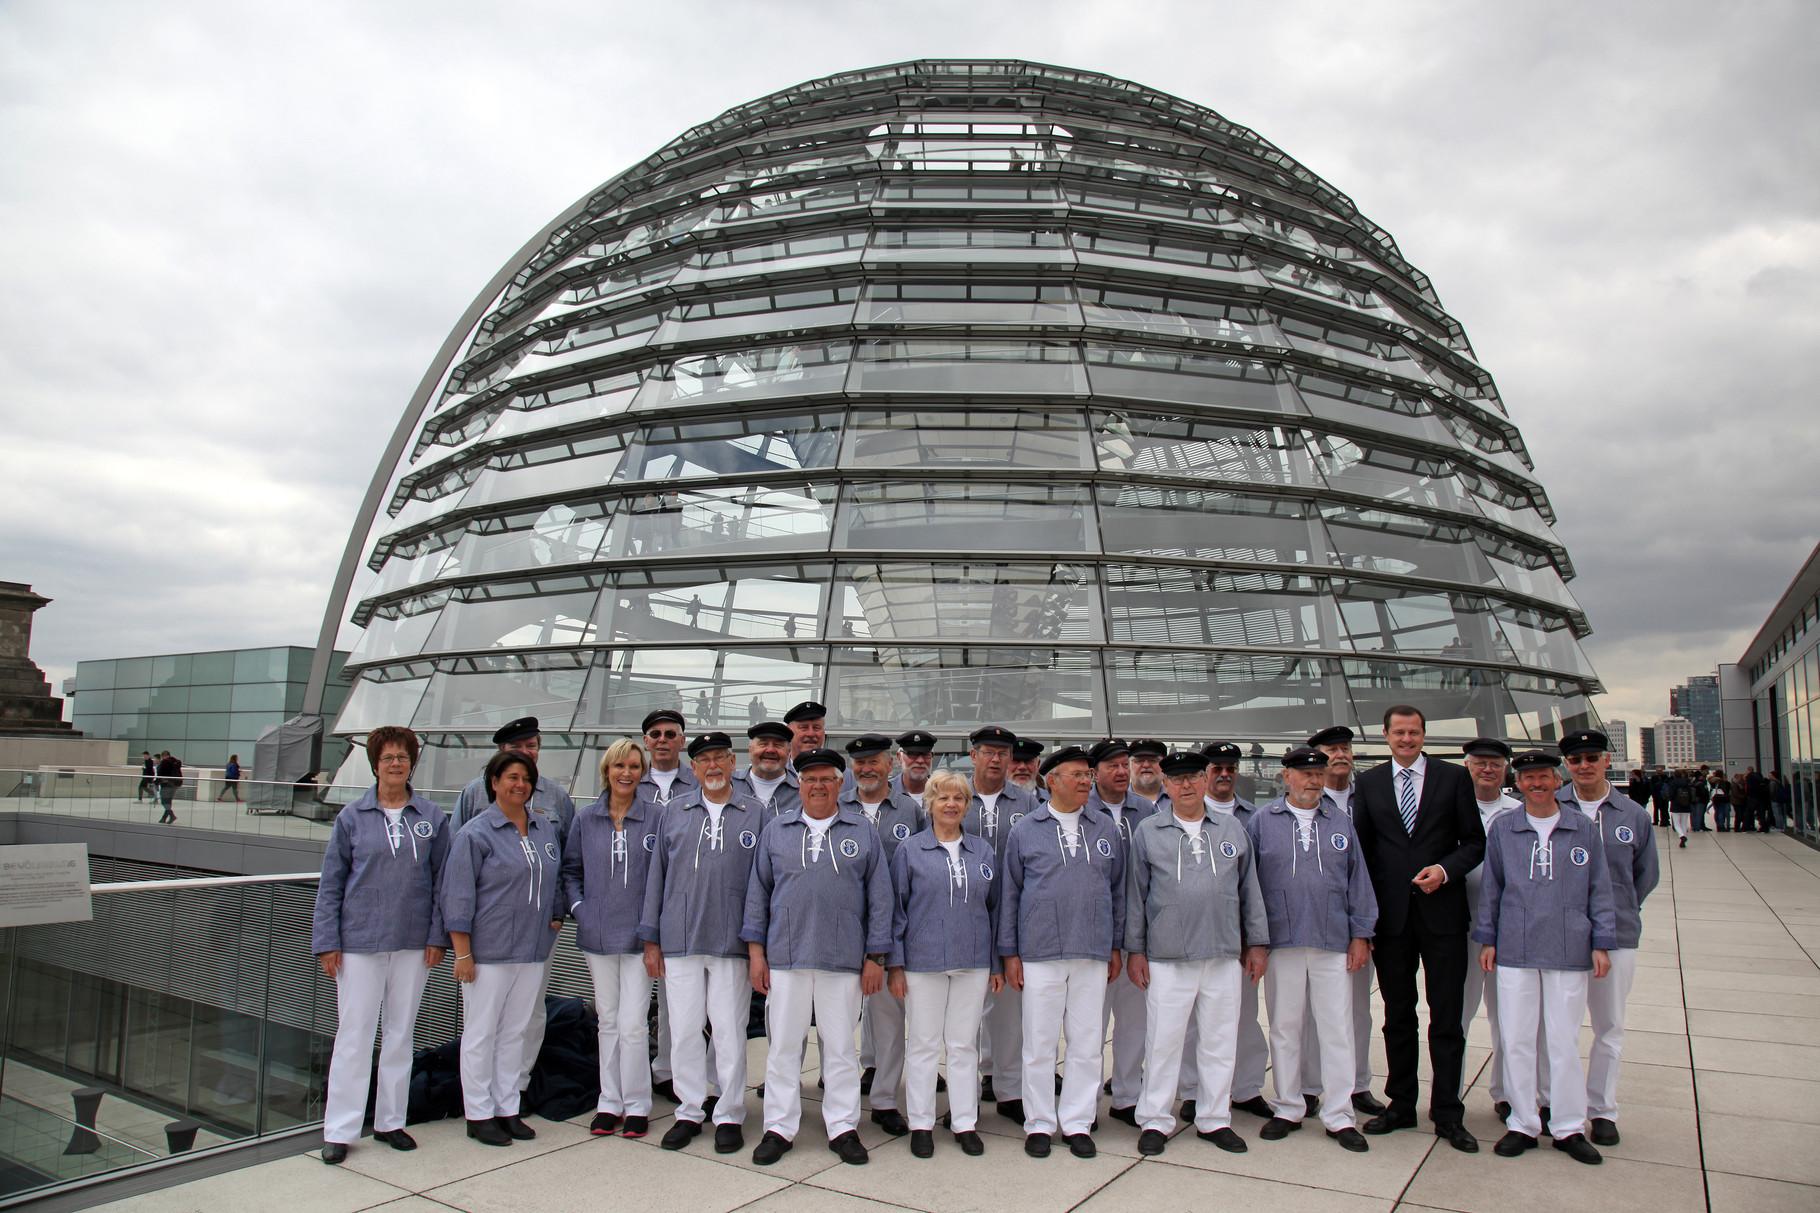 Besuch der Kuppel des Reichstagsgebäudes